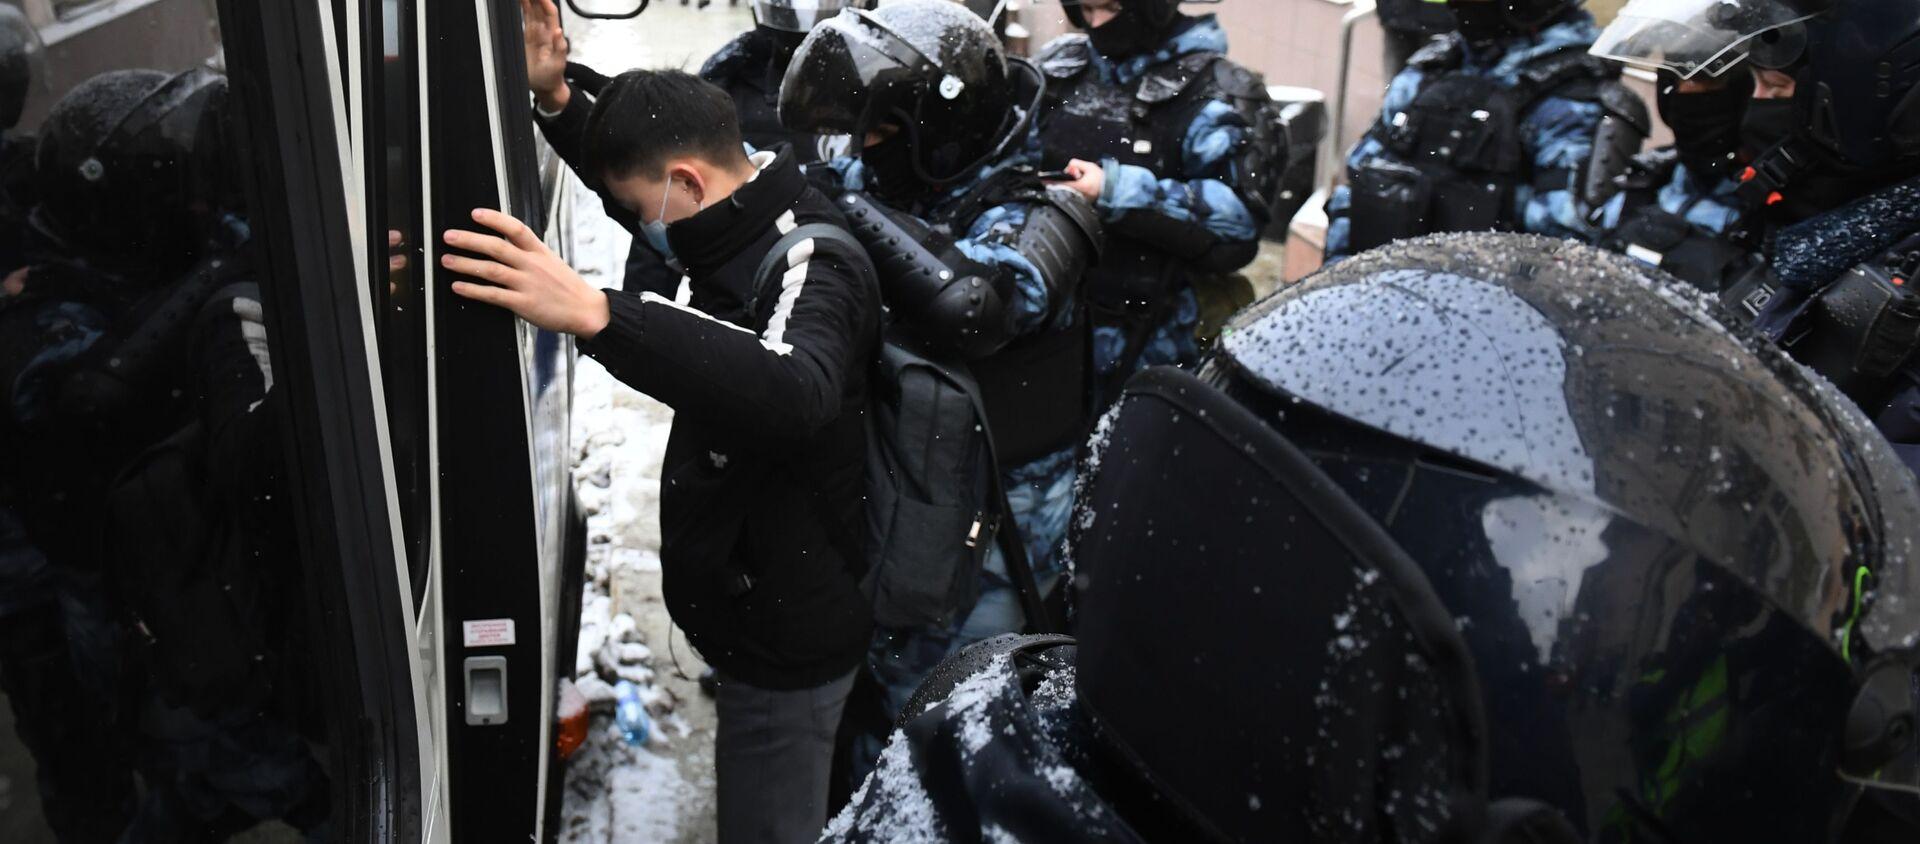 Сотрудники правоохранительных органов задерживают участника несанкционированной акции сторонников Алексея Навального в Москве - Sputnik 日本, 1920, 31.01.2021